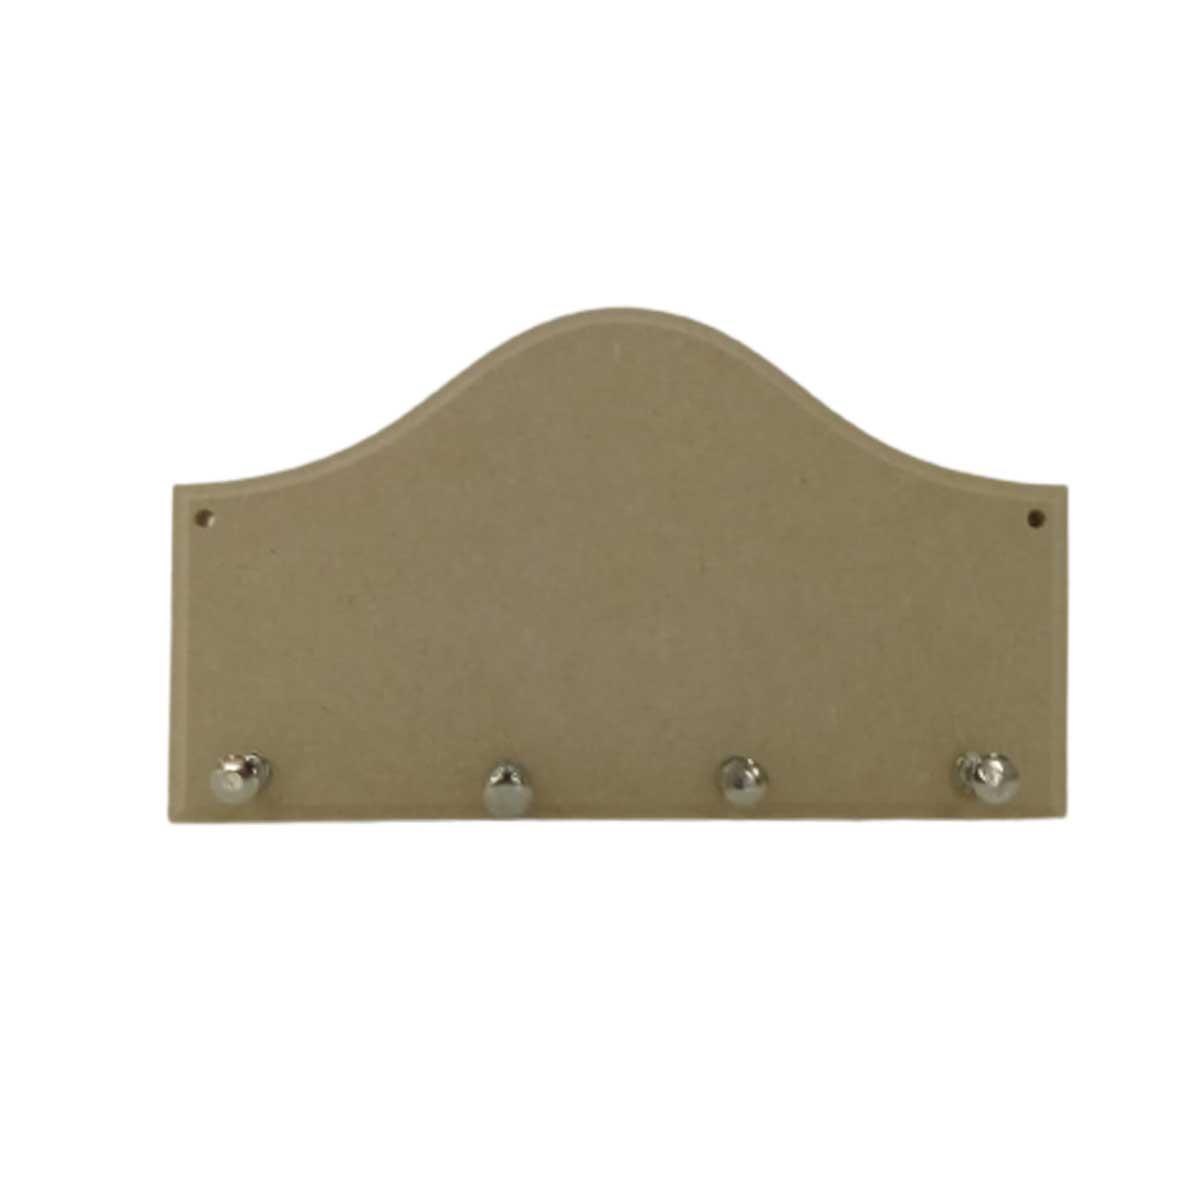 Porta Chaves em MDF - Liso 20X11,5cm